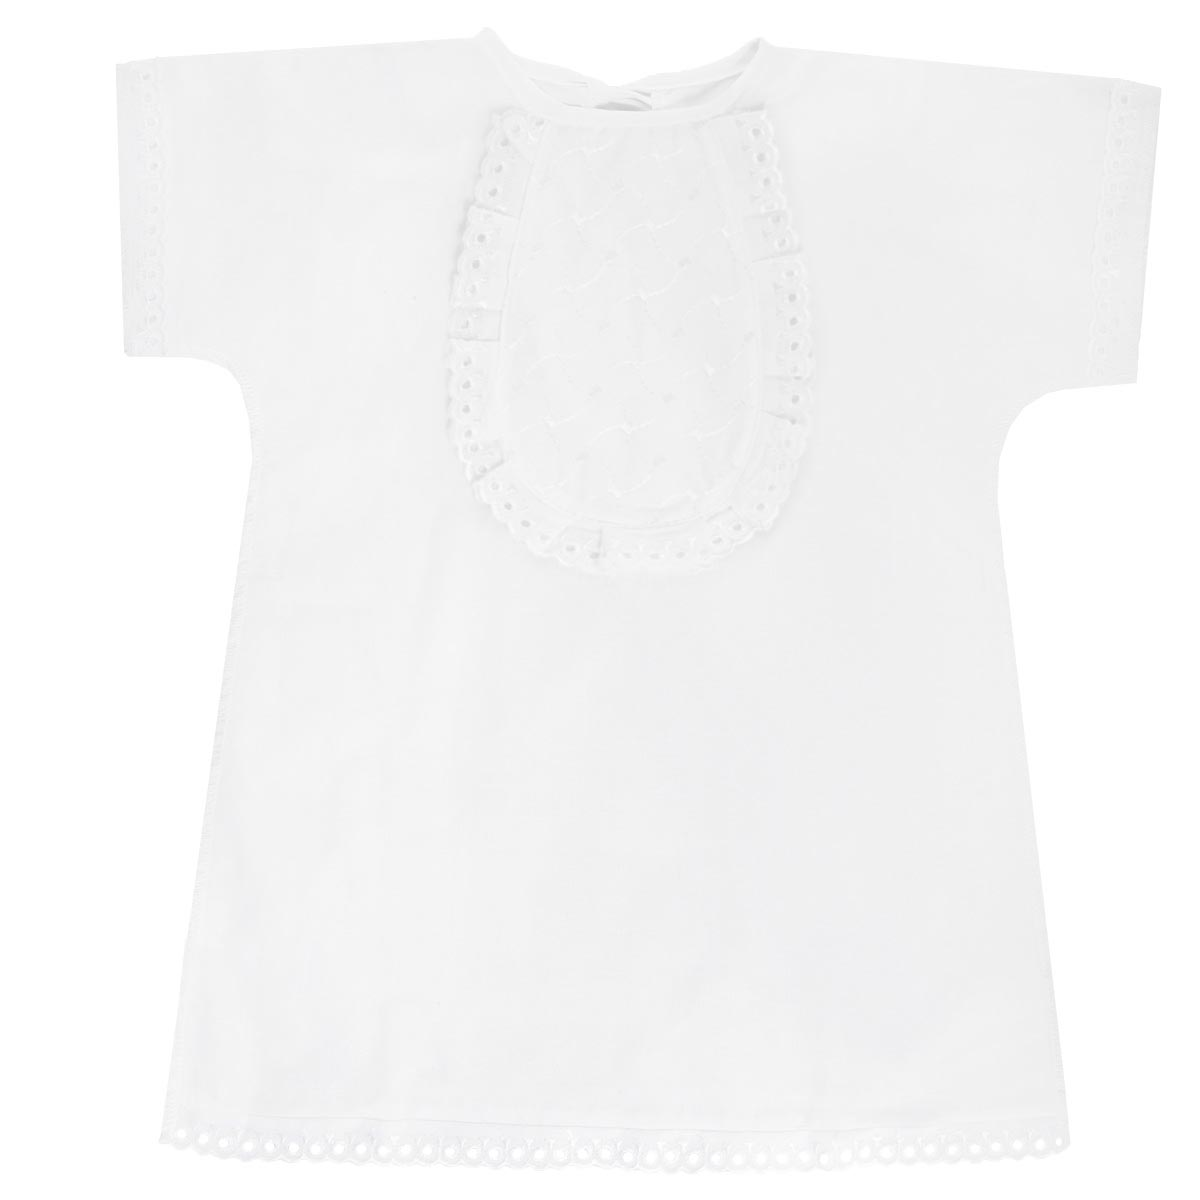 Фото Крестильная рубашка детская Трон-плюс, цвет: белый. 1135. Размер 68, 6 месяцев. Купить  в РФ